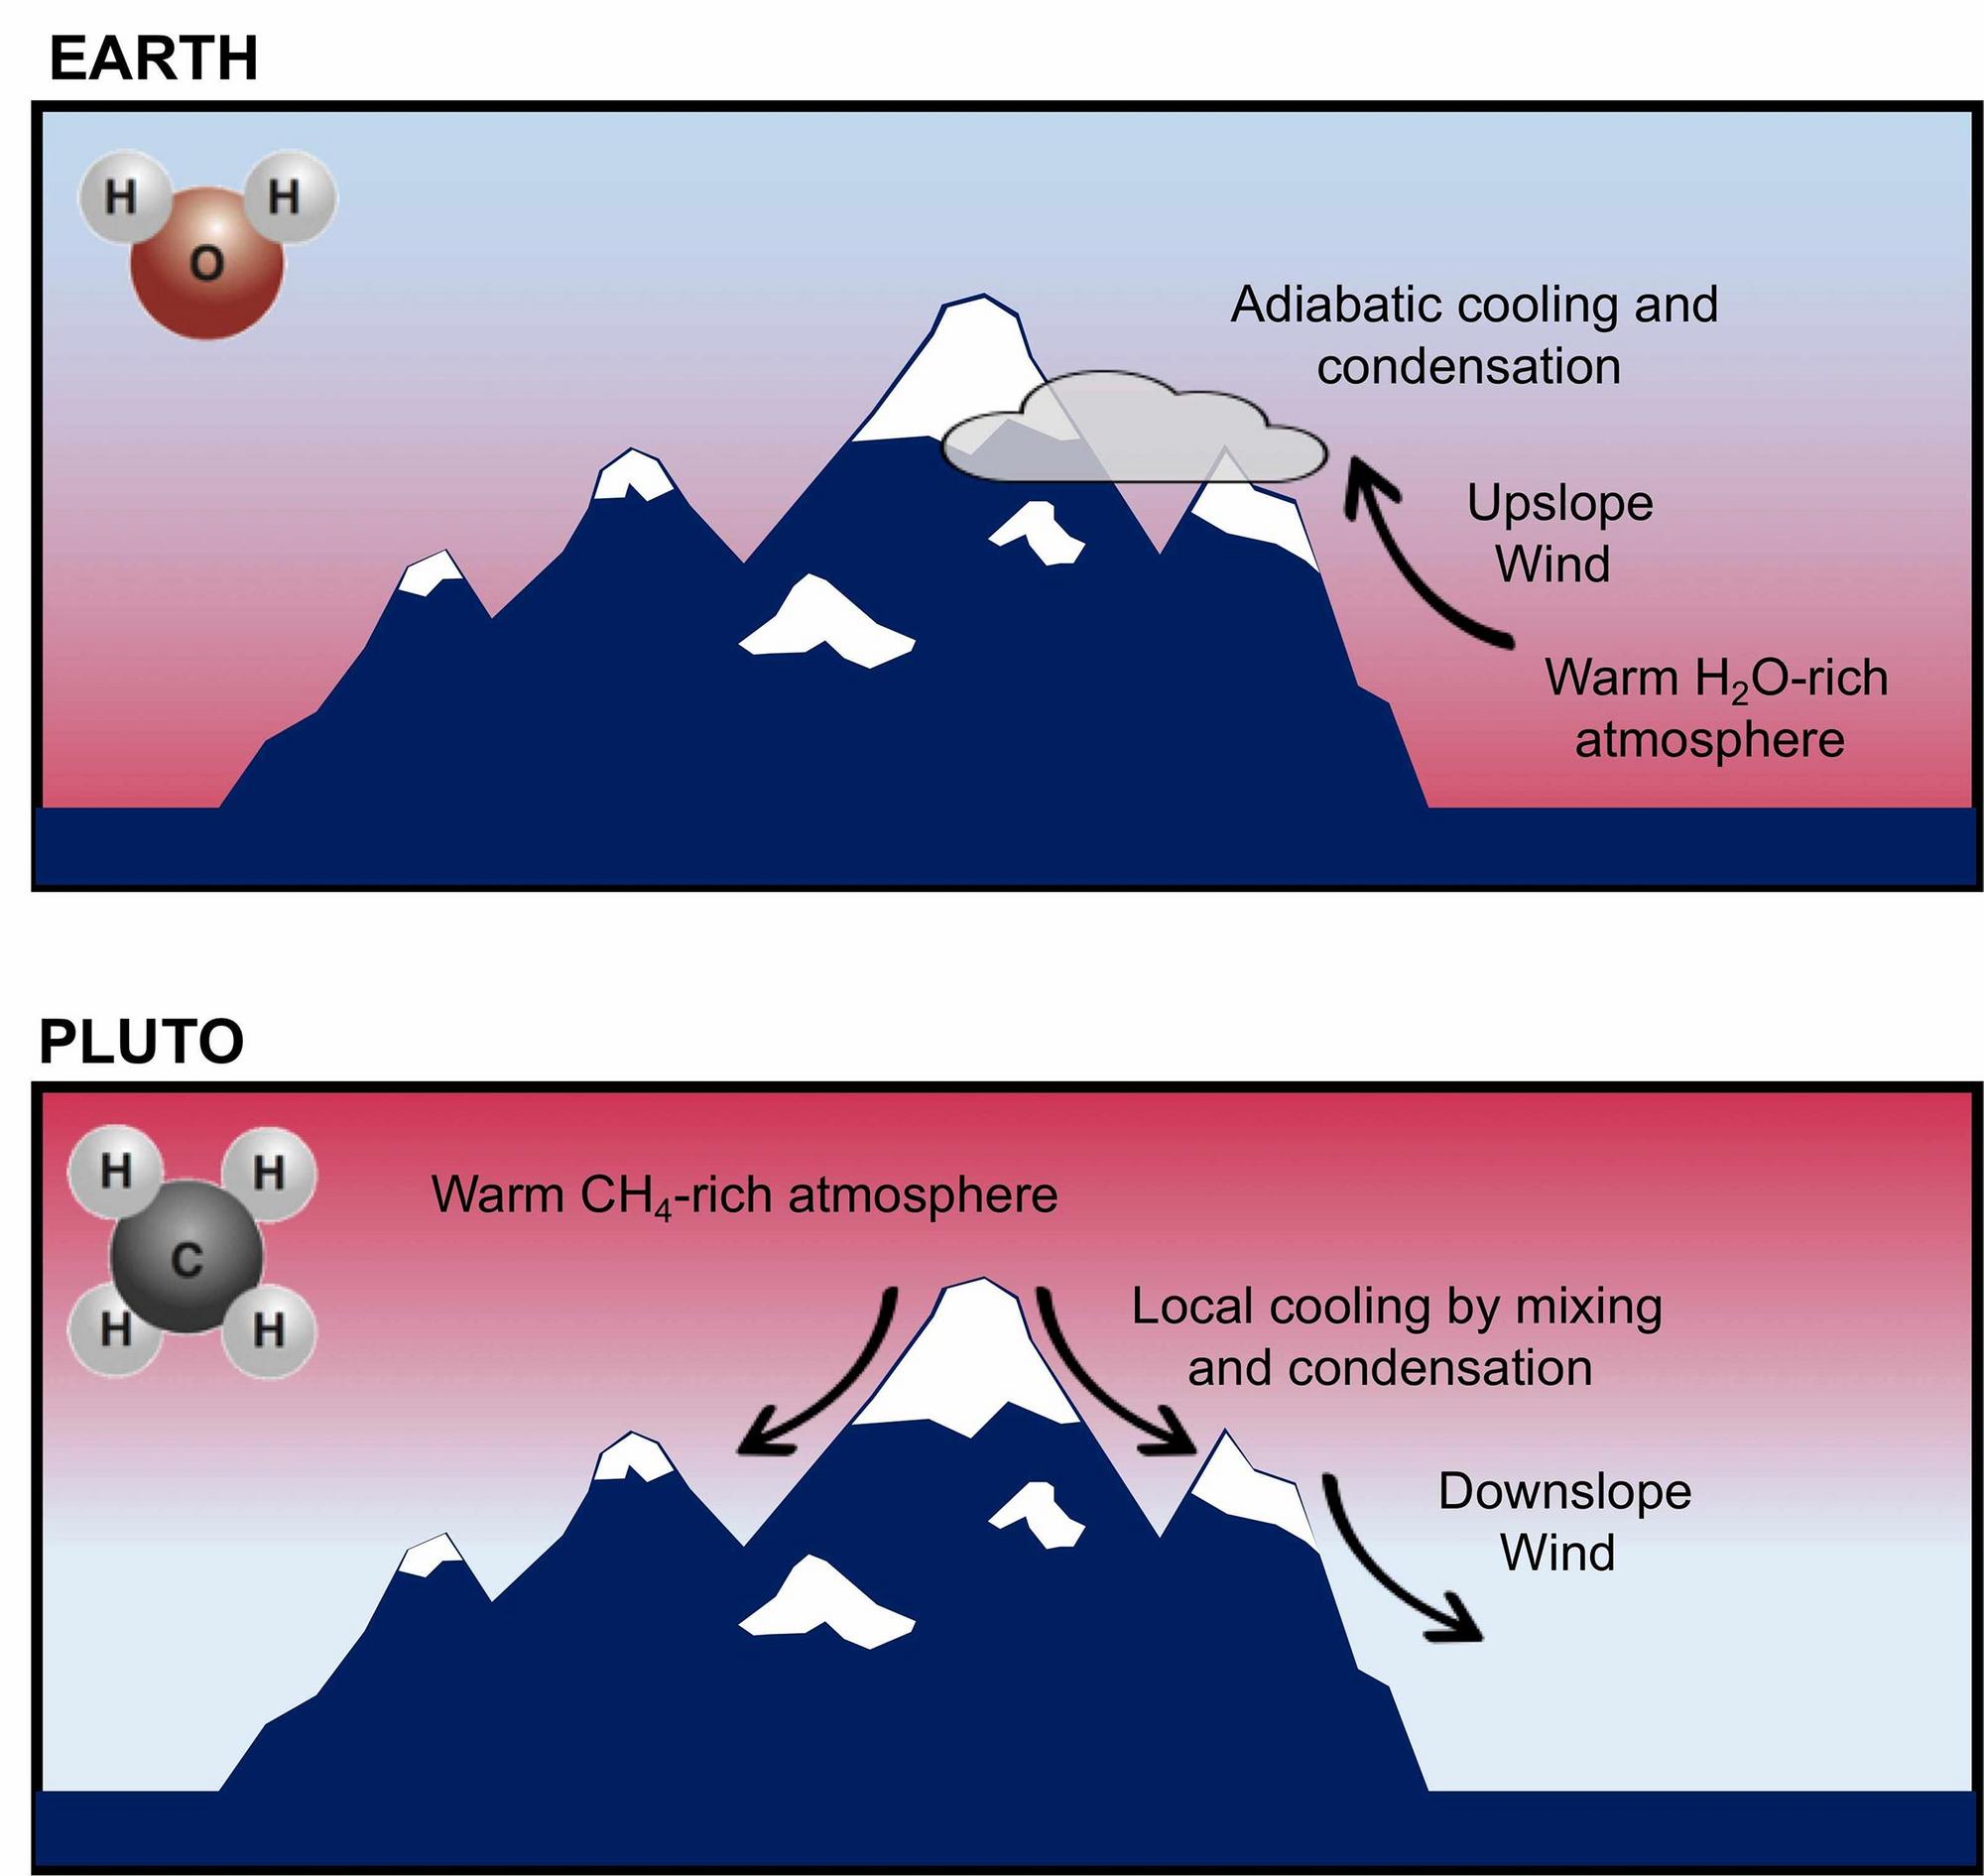 Tvorba sněhové pokrývky na vrcholech zemských hor (horní panel). Metanová námraze formována na vrcholech hor Pluta, sahajících do metanem obohacených vrstev atmosféry. Zdroj: Bertrand et al., 2020.